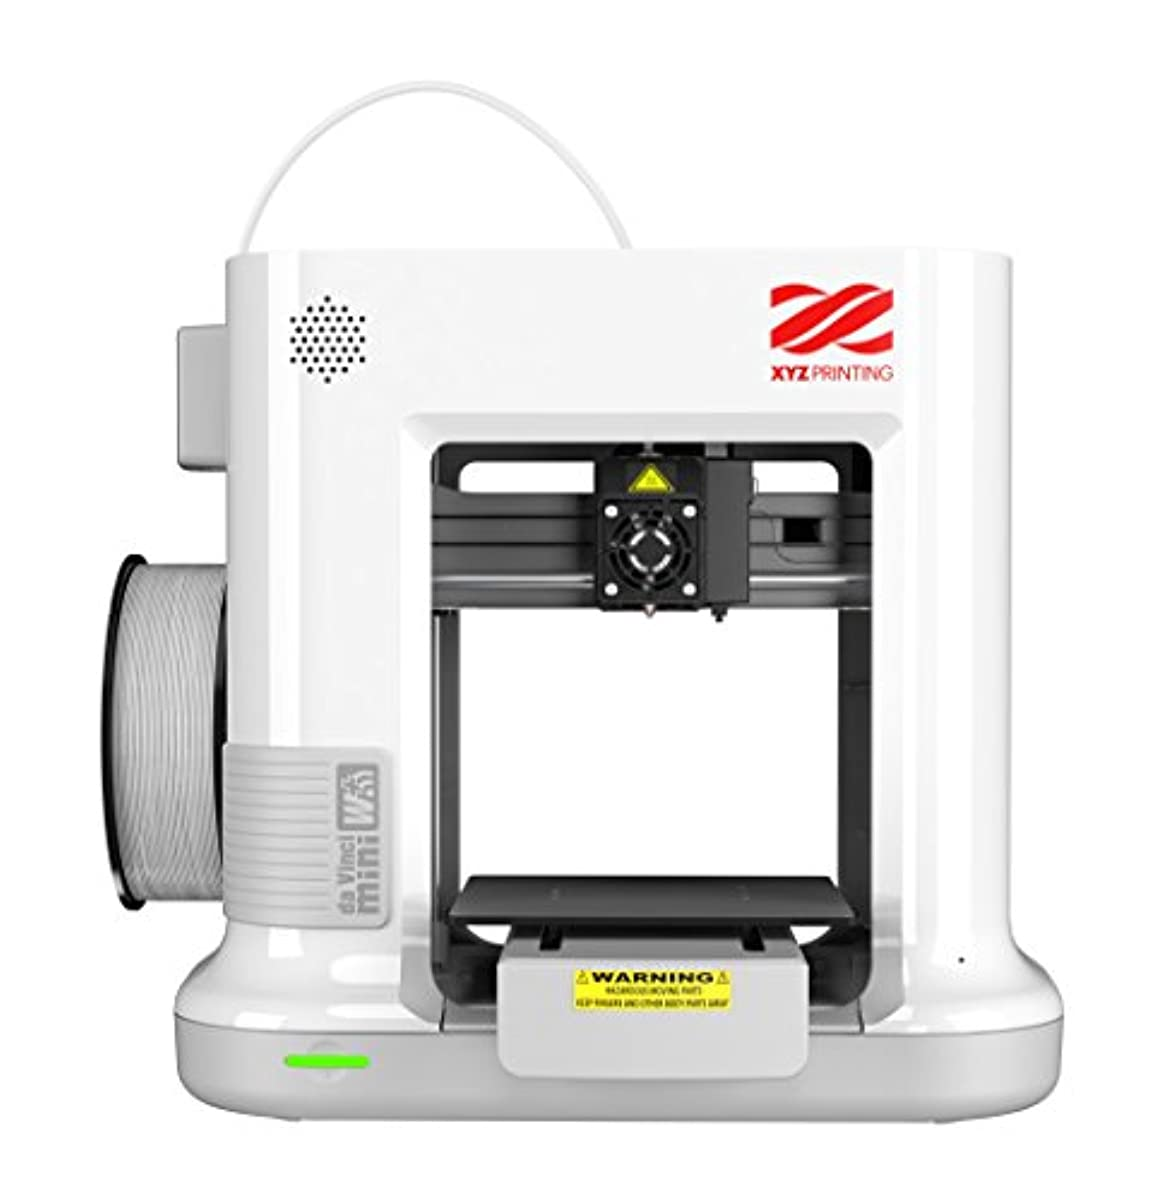 3d Drucker Computer Drucker Print Bequem Und Einfach Zu Tragen Computer, Tablets & Netzwerk